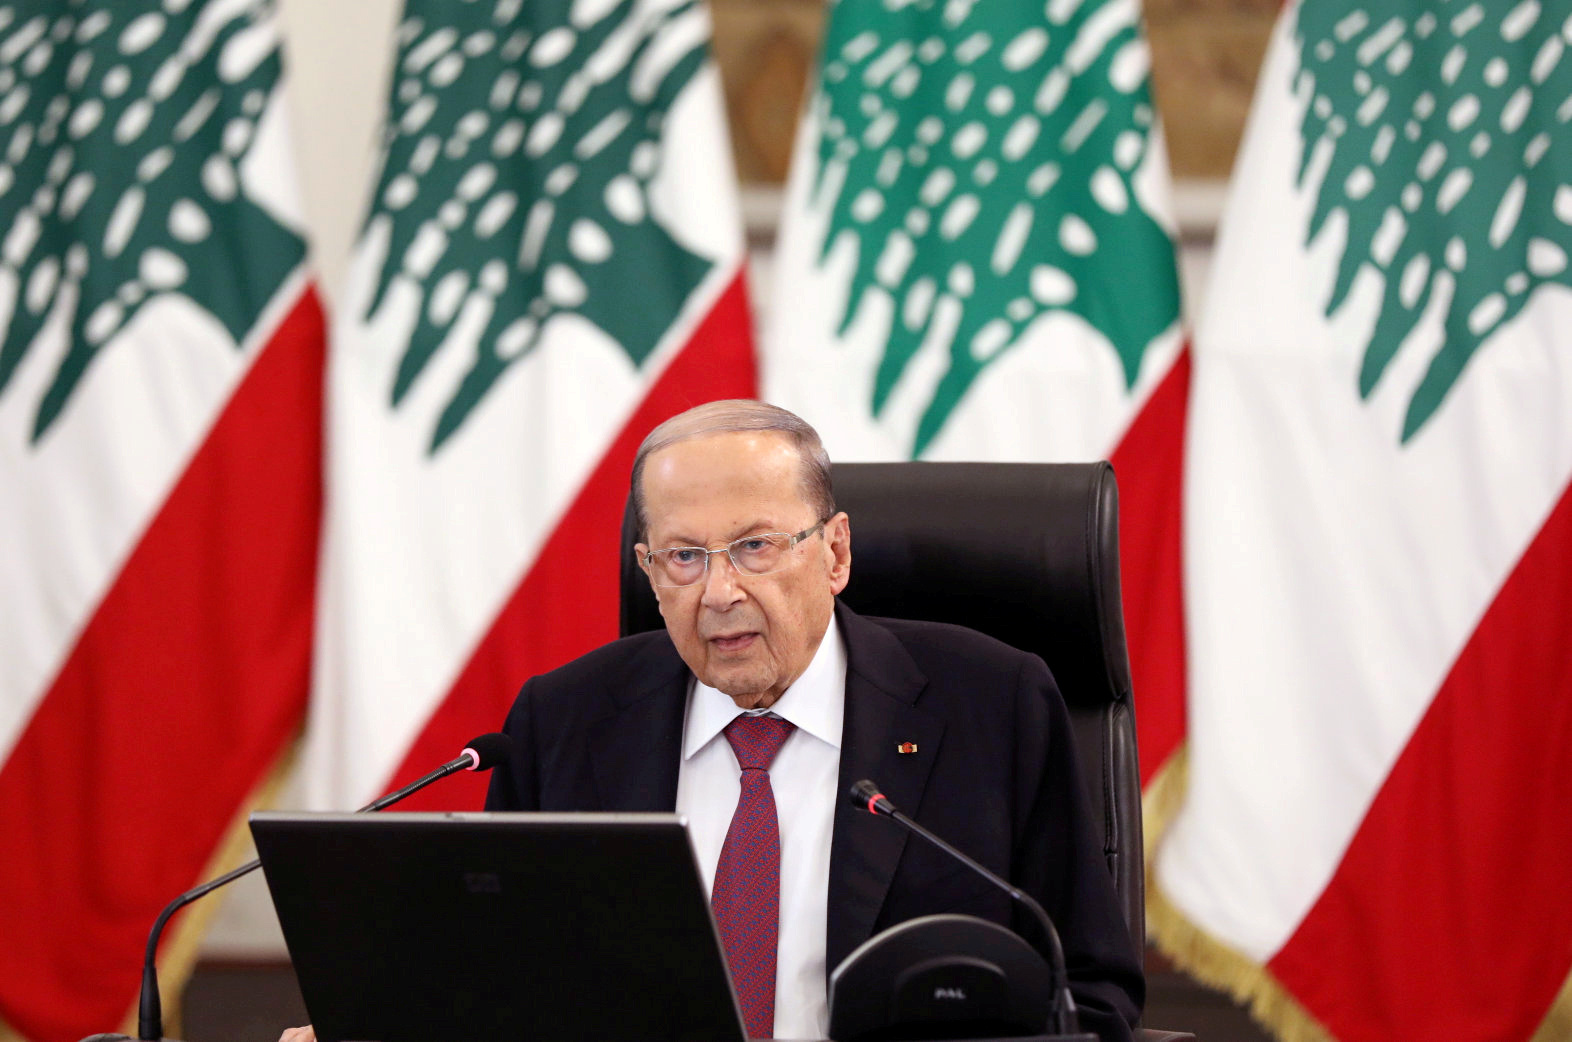 ميشال عون: مصمم على متابعة مسيرة تحرير لبنان من الفساد وعلى المجتمع الدولي ألا يتخلى عنا